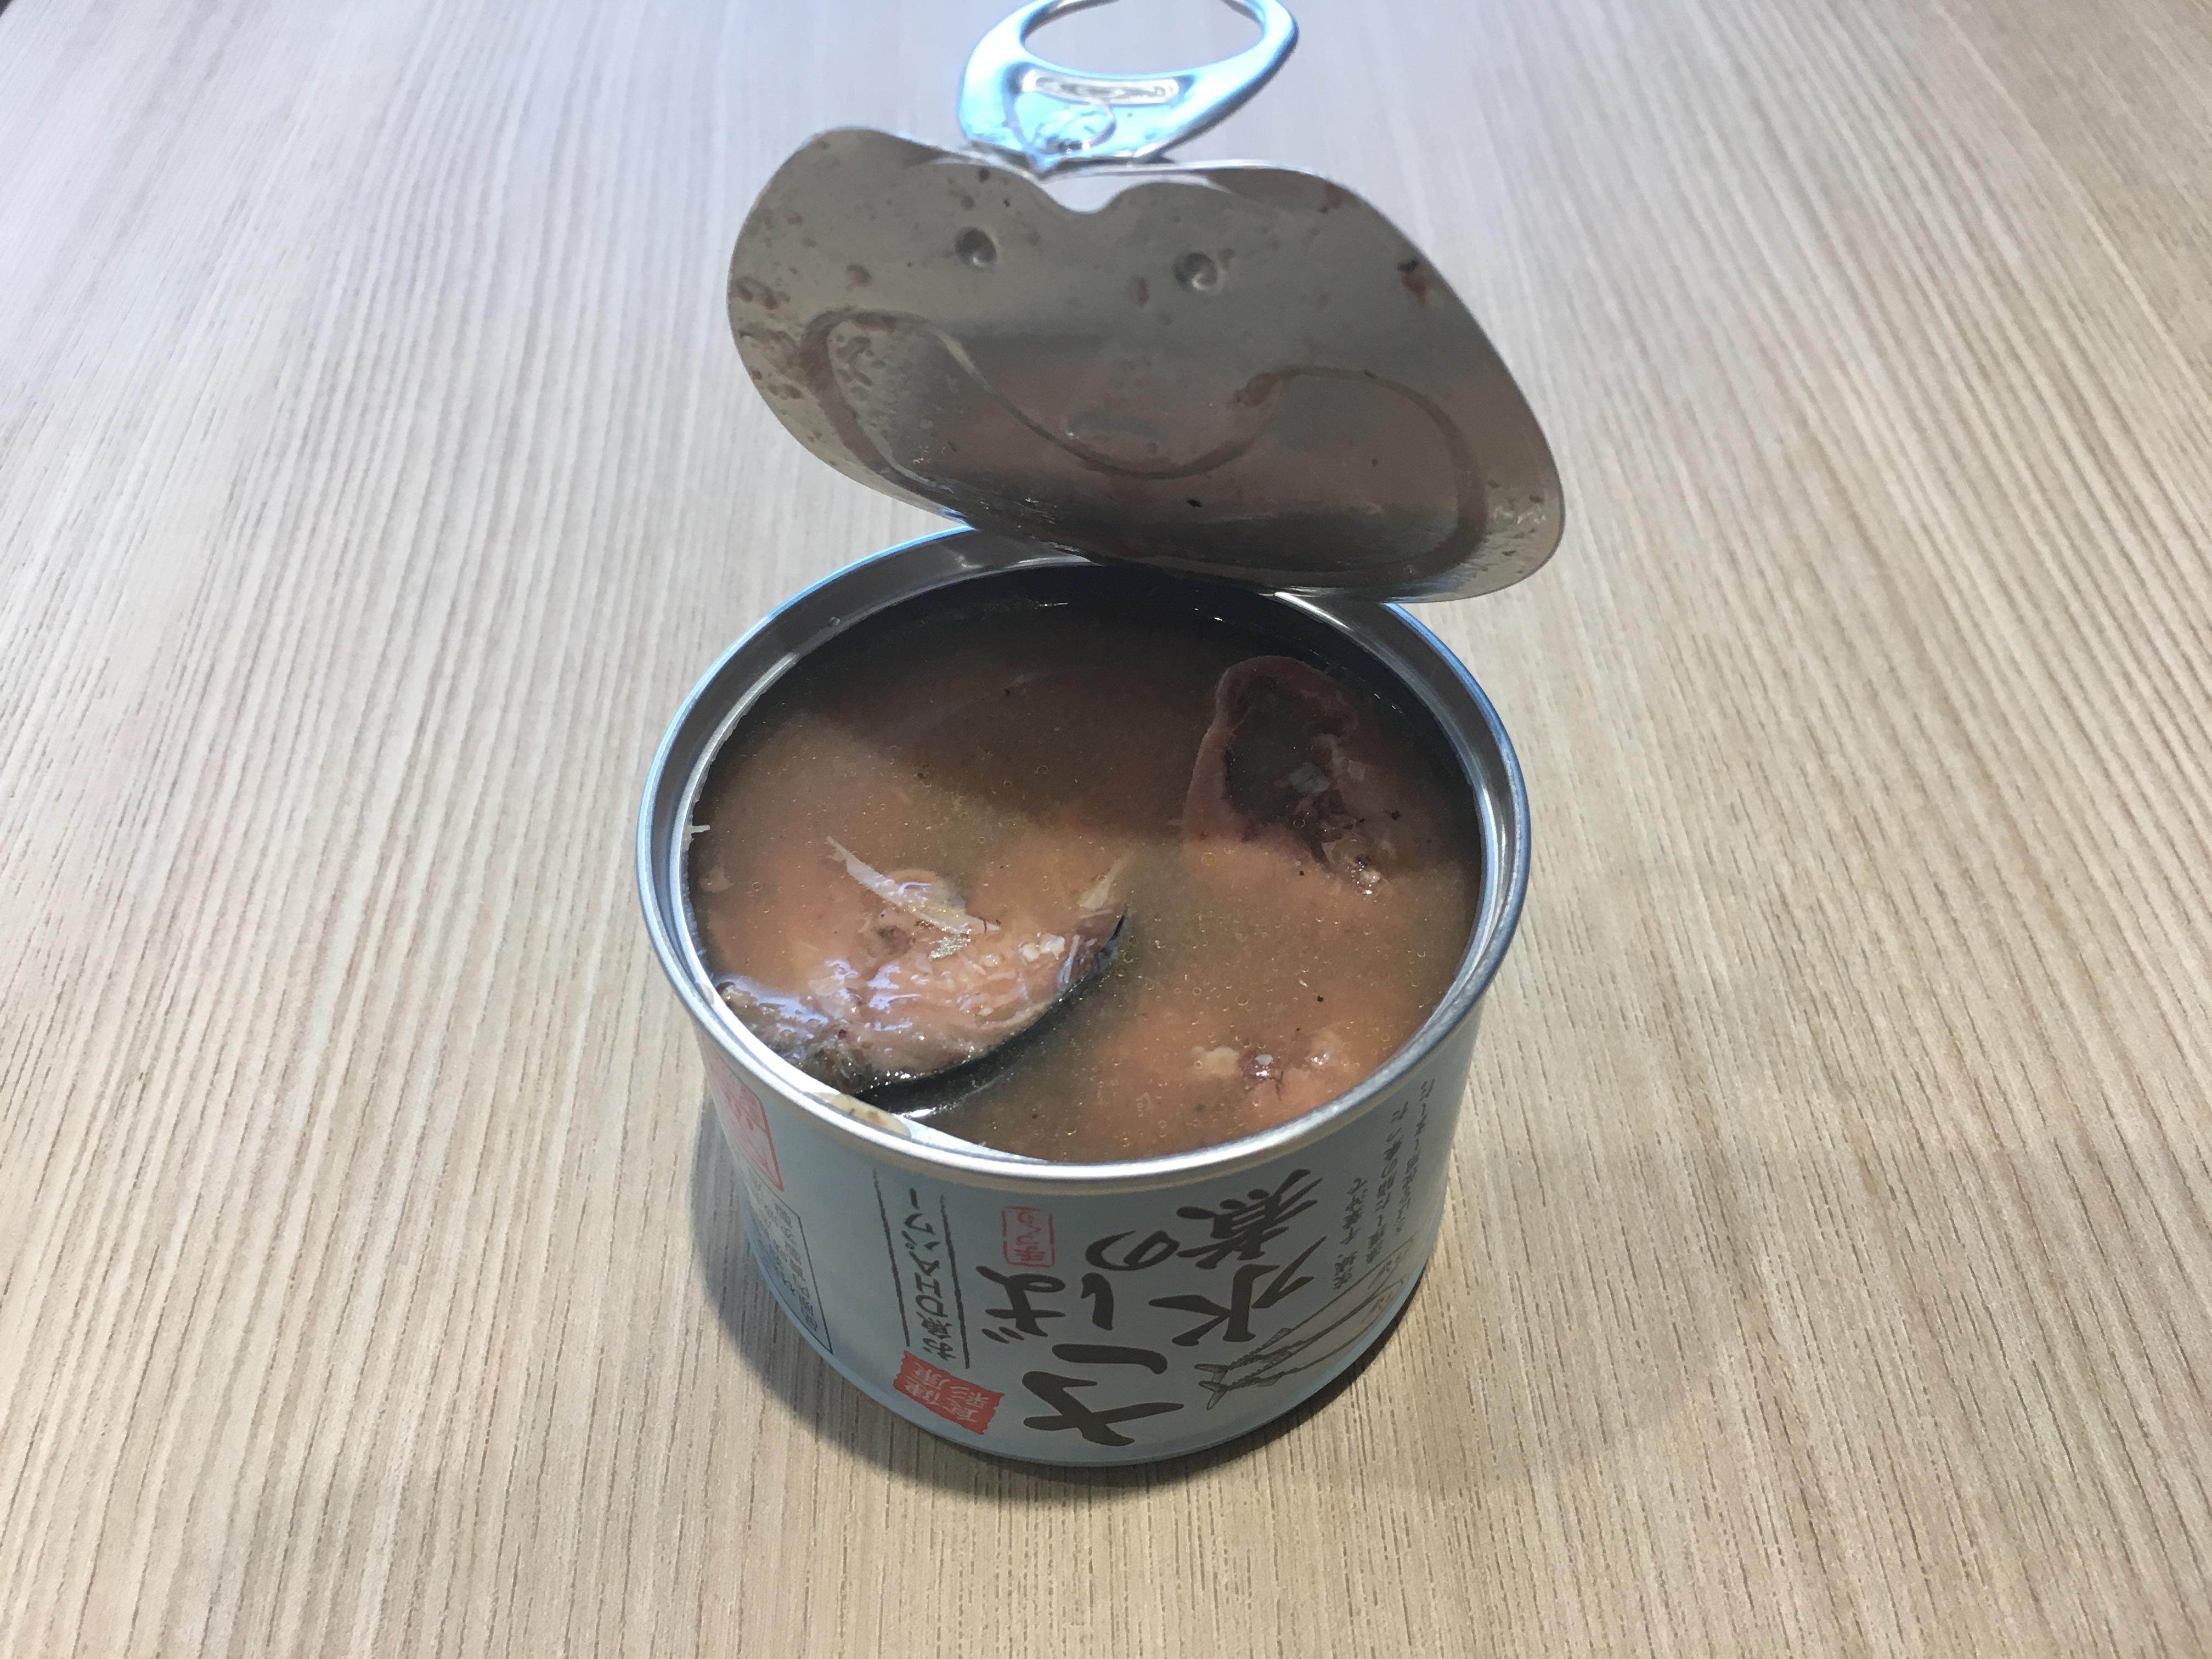 谷藤水産 さばの水煮 那珂湊高等学校